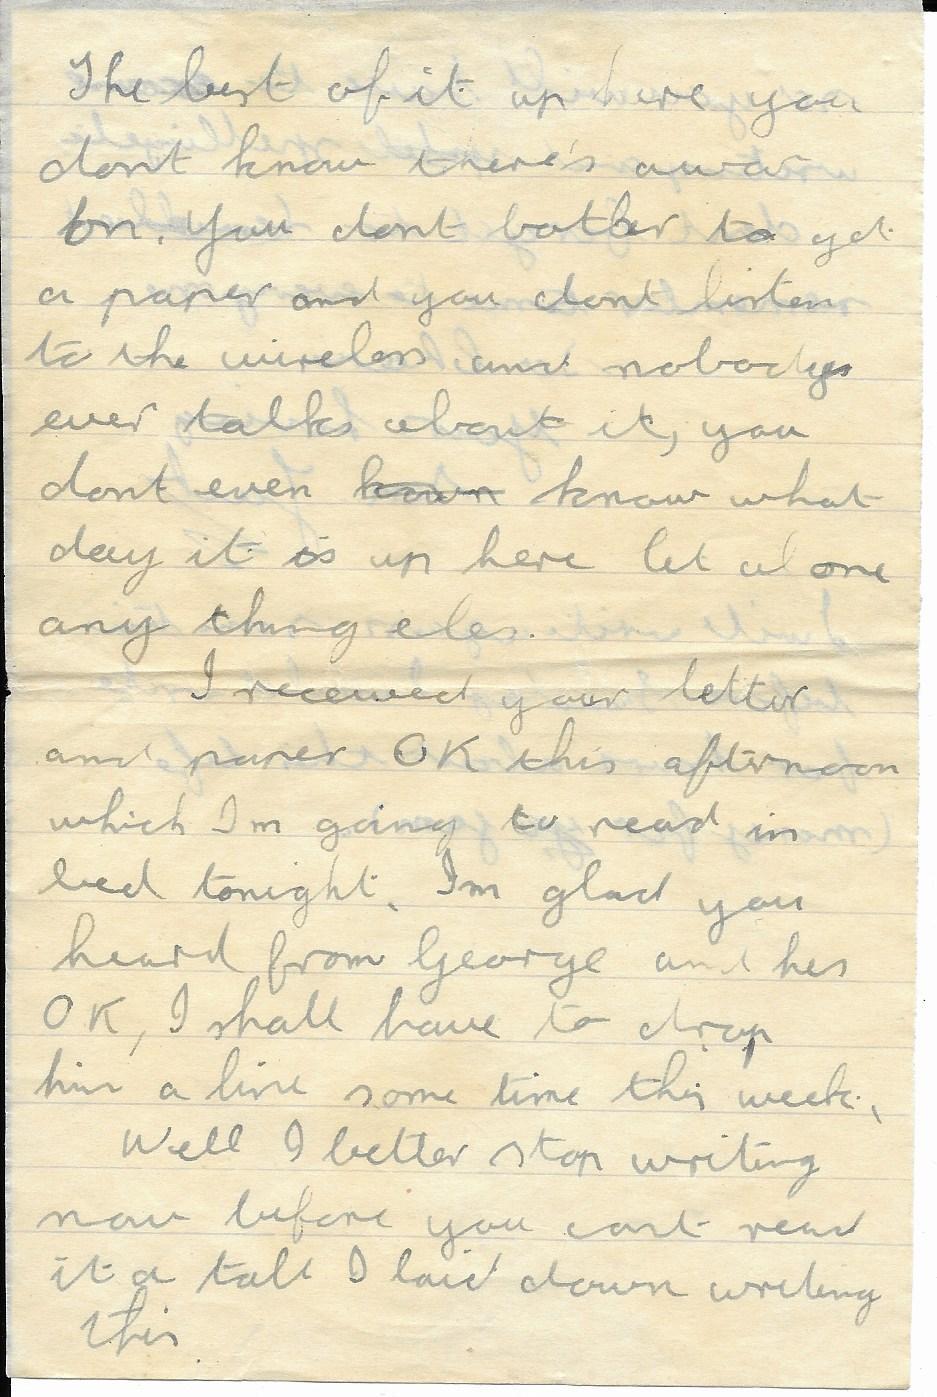 Letter 8